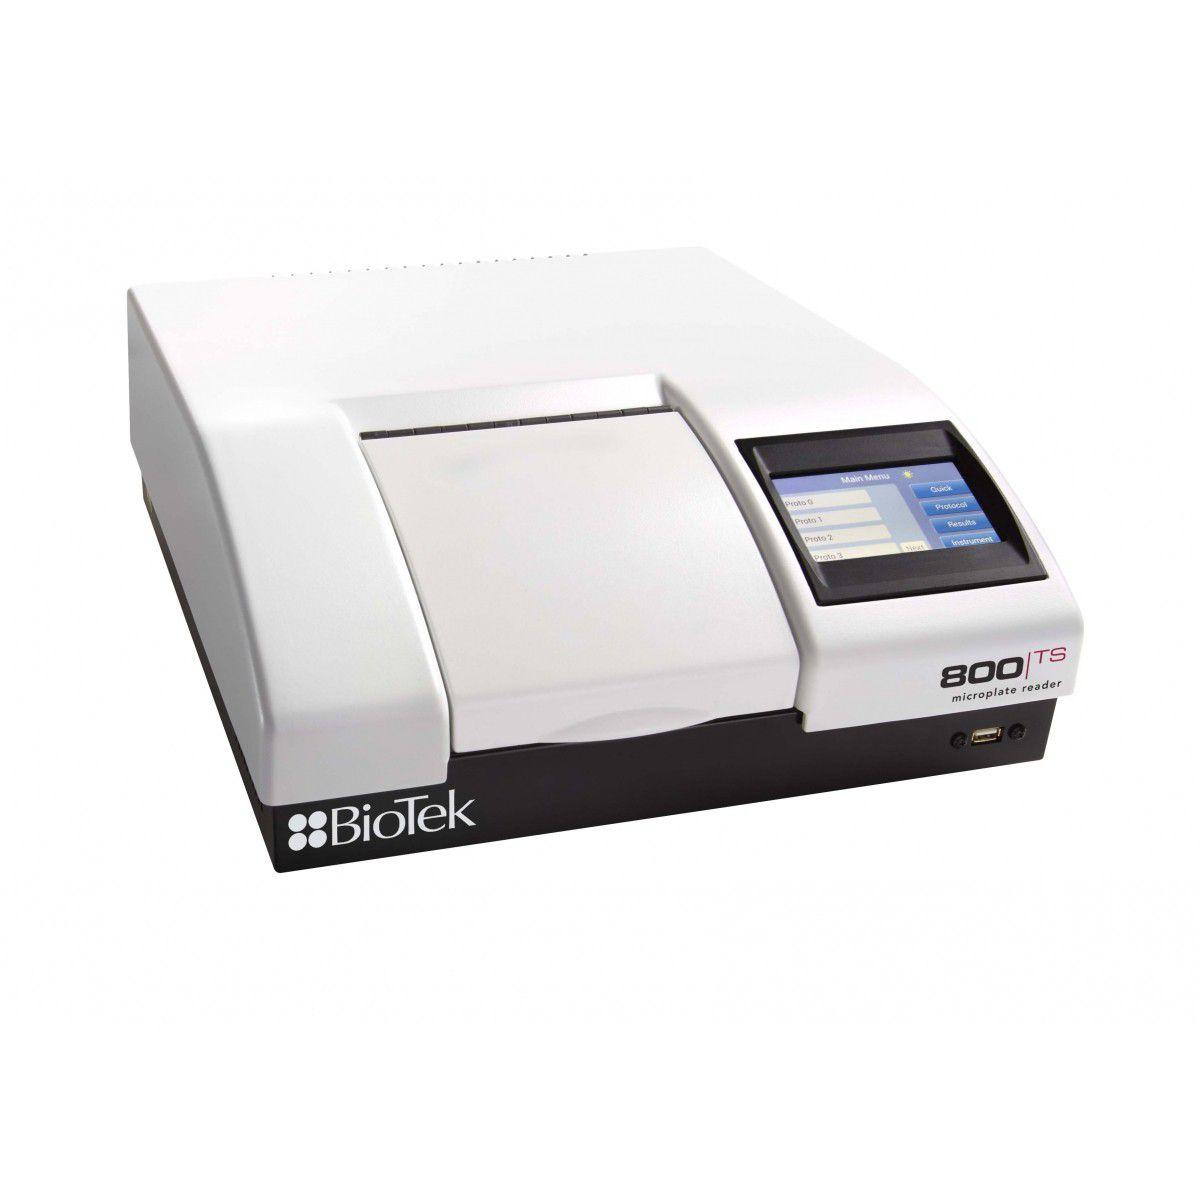 Leitora de Absorbância para Microplacas de 6 a 96 poços, Tela Touchscreen, Incubação 50°C, Agitação, Faixa de Seleção dos Filtros 400~750nm, USB - Modelo: 800TSI